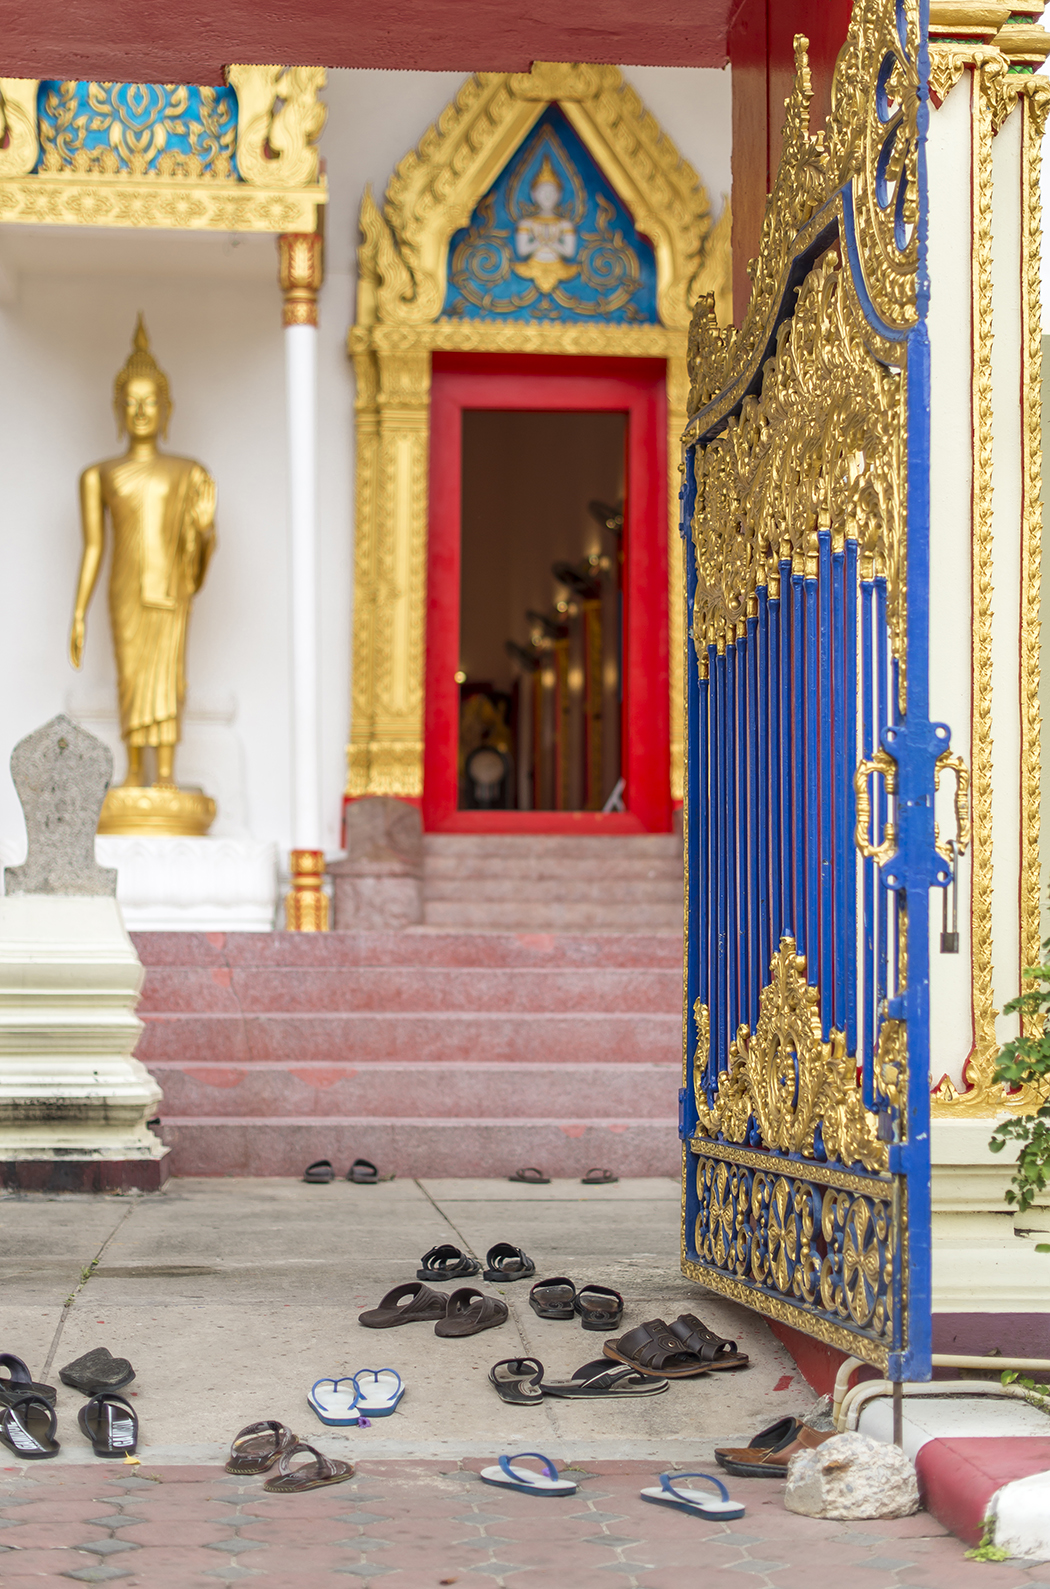 annamidday, travel blogger, русский блогер, известный блогер, топовый блогер, russian bloger, top russian blogger, russian travel blogger, российский блогер, ТОП блогер, популярный блогер, thailand, таиланд, достопримечательности таиланда, куда поехать в таиланд, пляжи таиланда, погода в таиланде, красивые фото таиланда, сезон дождей в таиланде, таиланд на новый год, отзыв о таиланде, путешествие в таиланд, безопасность в таиланде